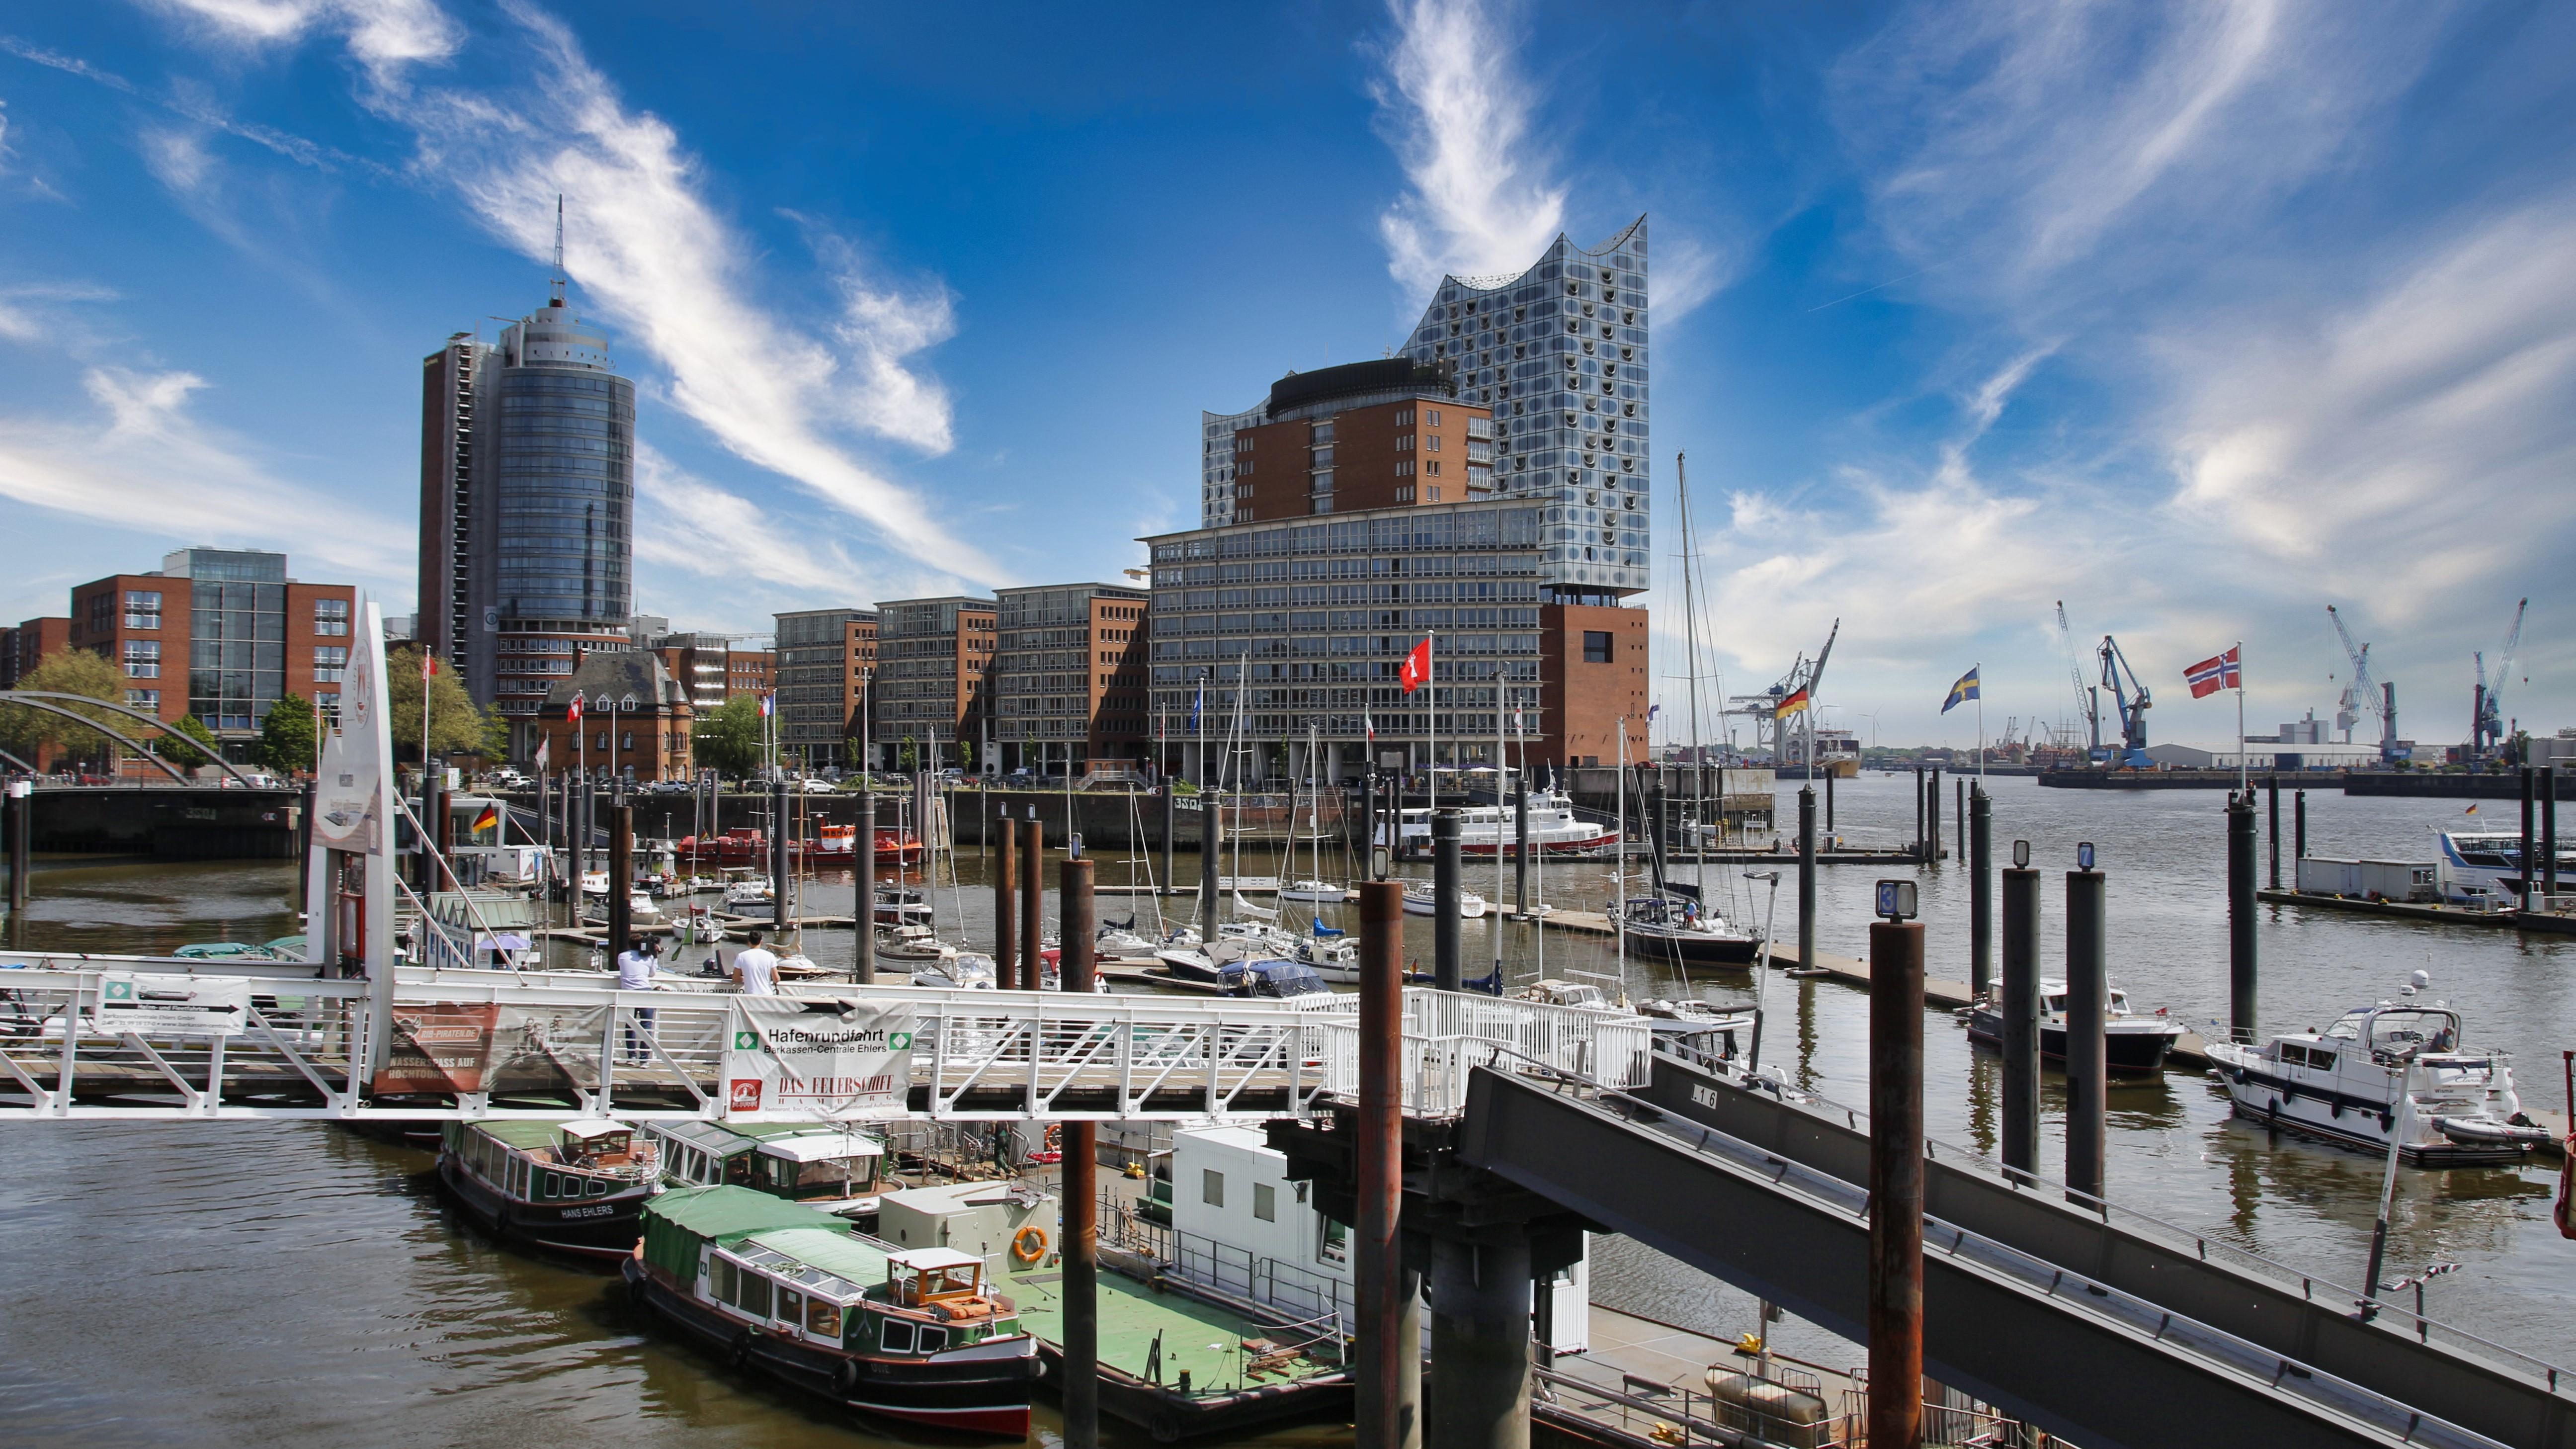 Hafen mit Elbphilharmonie